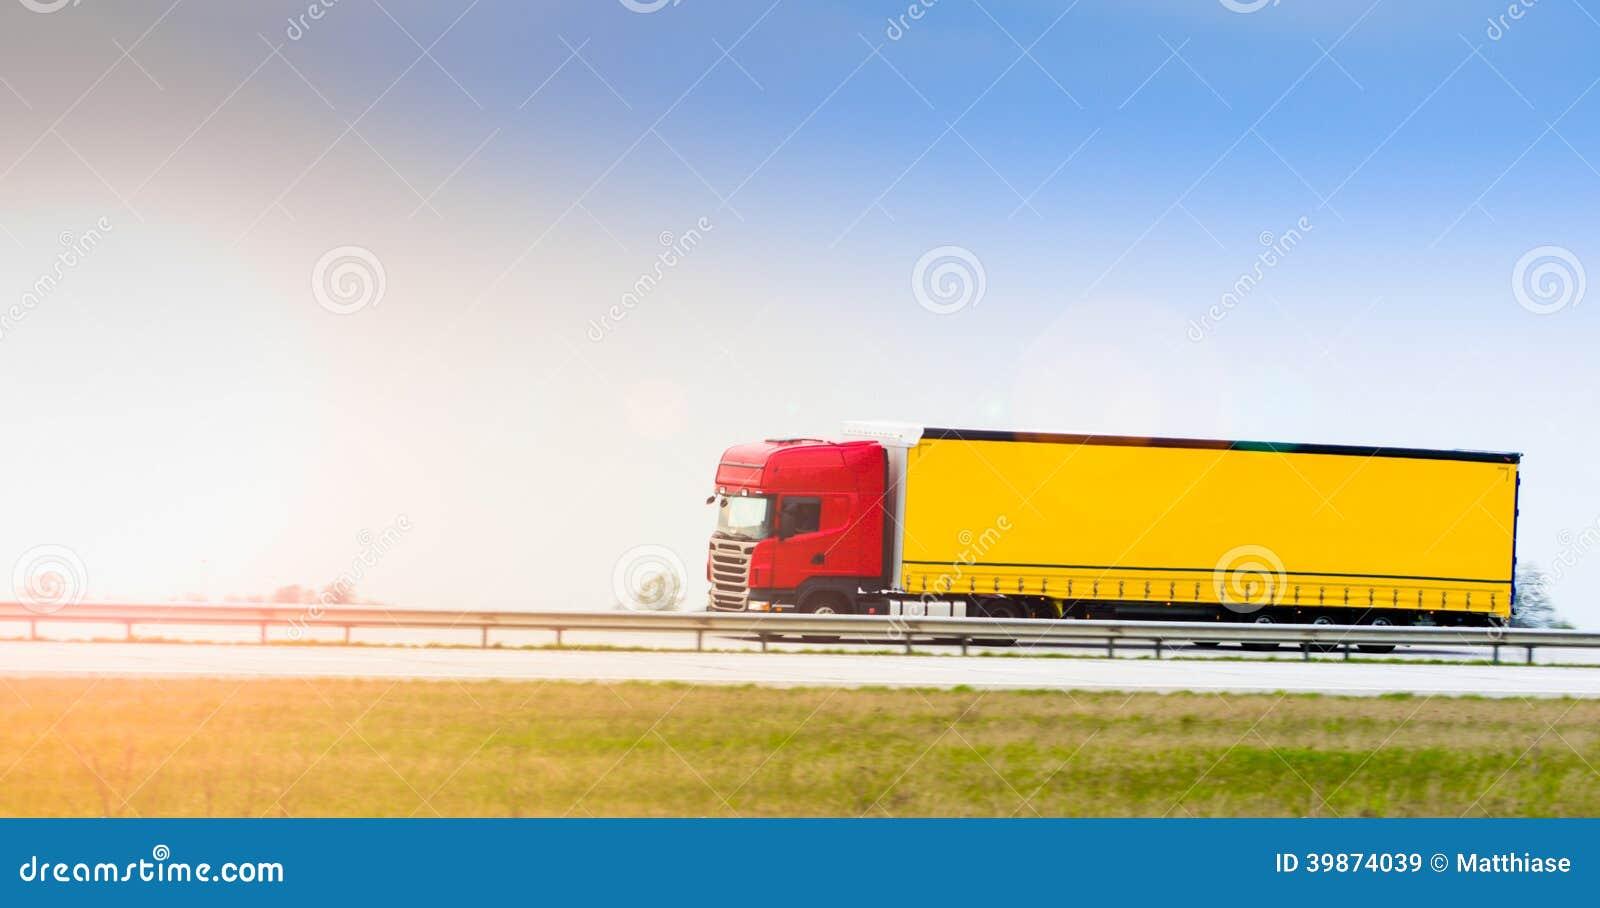 Lastbil på huvudvägen